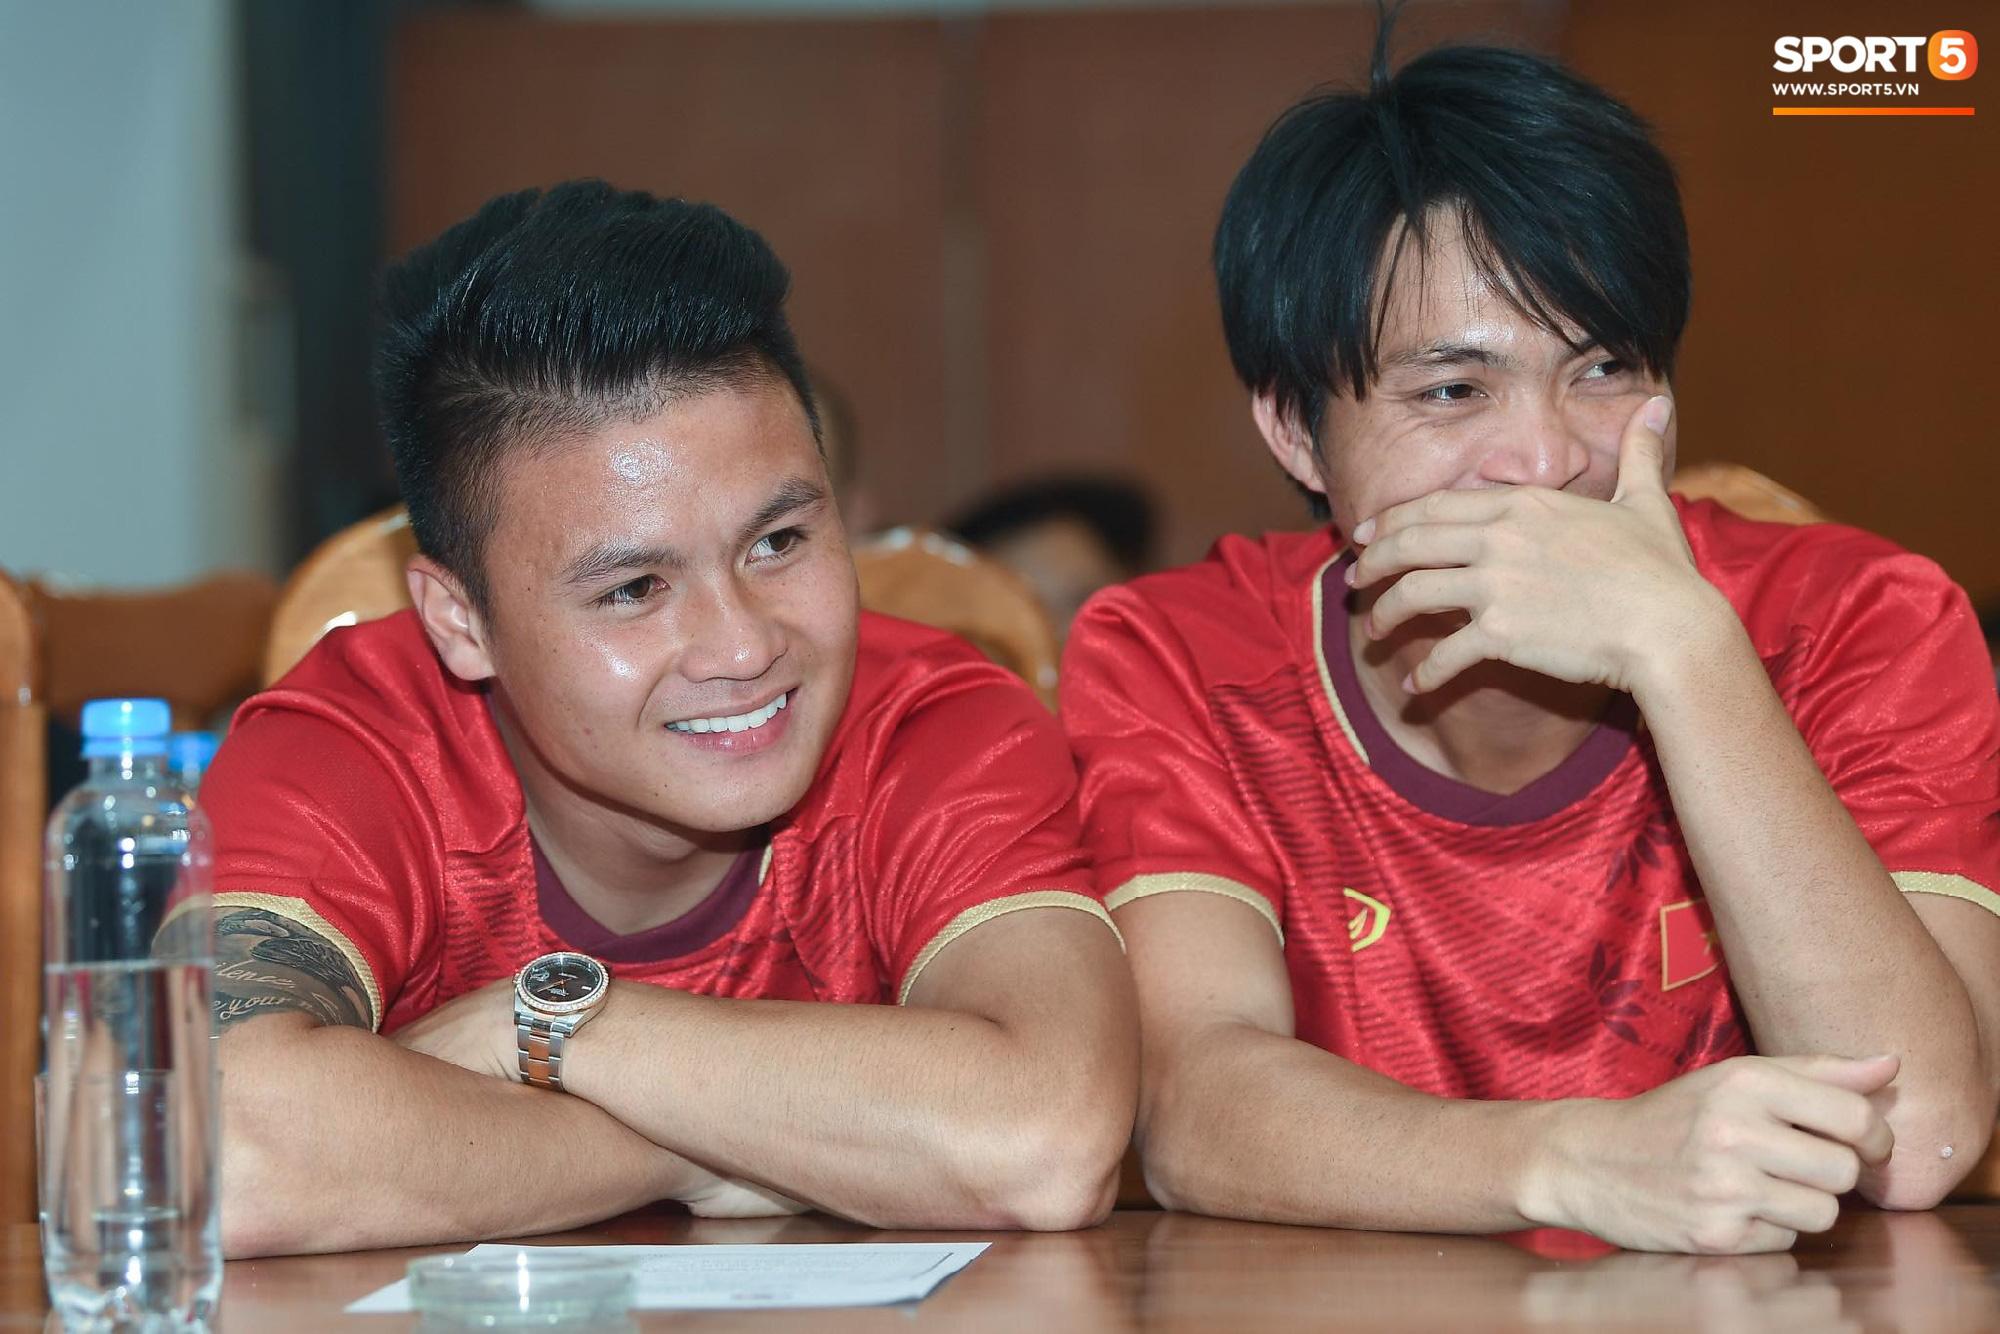 Tuấn Anh tán gẫu cực vui cùng các nữ tuyển thủ, Quang Hải gặp sự cố lạc đường hài hước trong phòng họp báo - Ảnh 3.